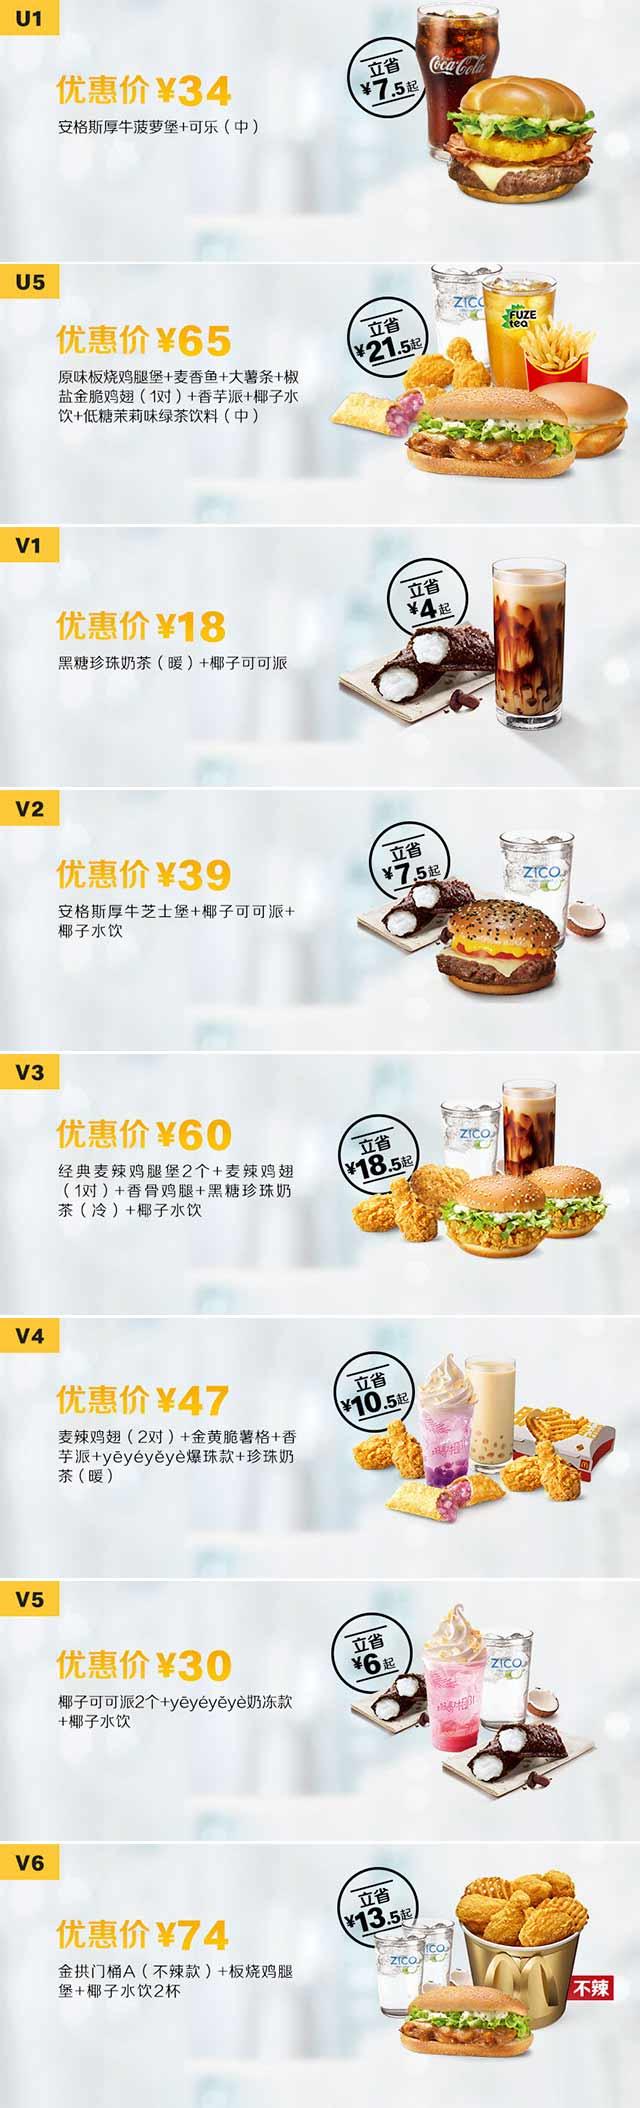 麦当劳2019年10月30日至11月26日优惠券手机版整张版本,点餐出示或报优惠码享优惠